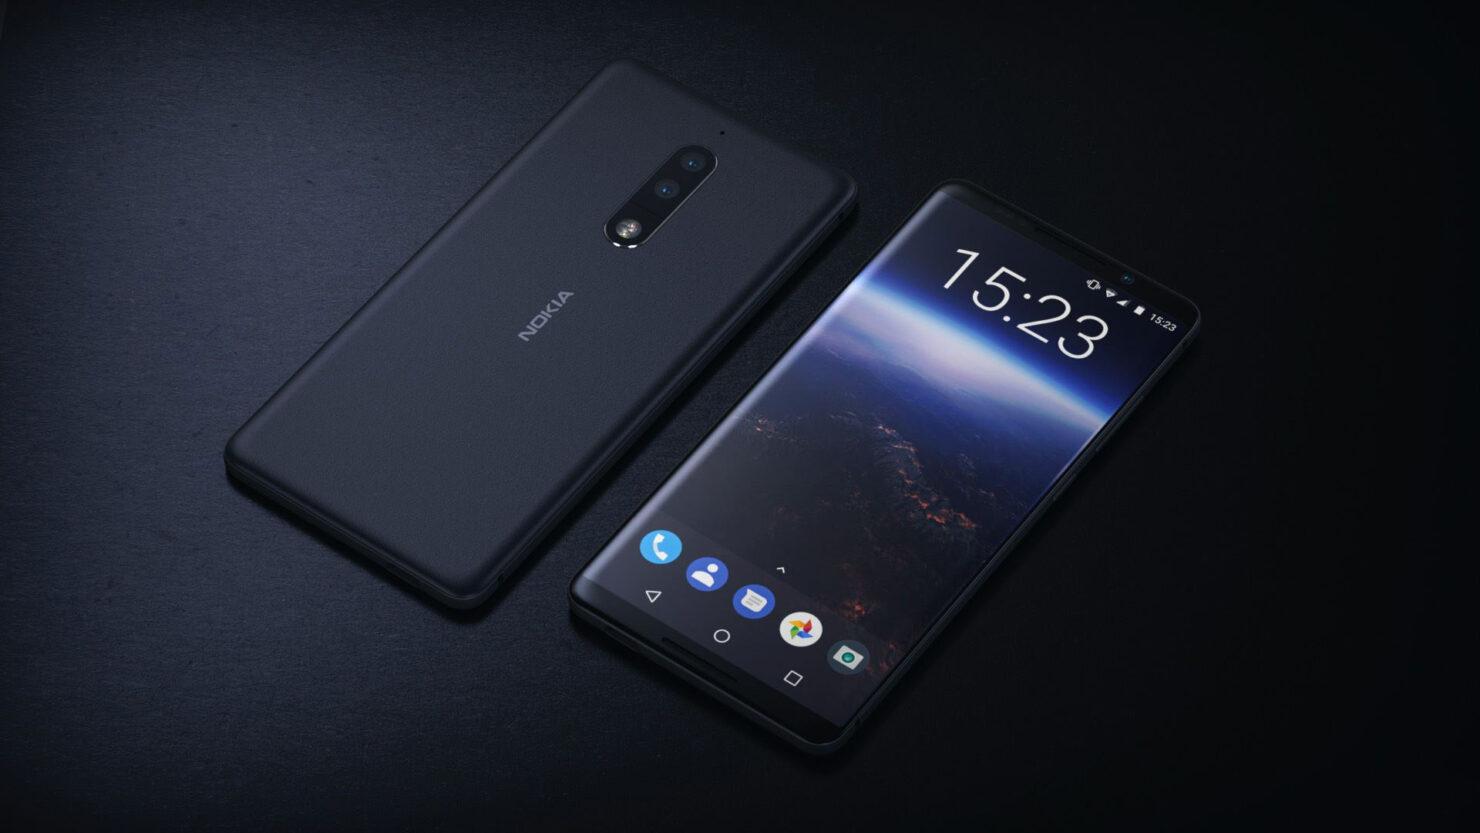 Nokia launching most awaited phone Nokia 9